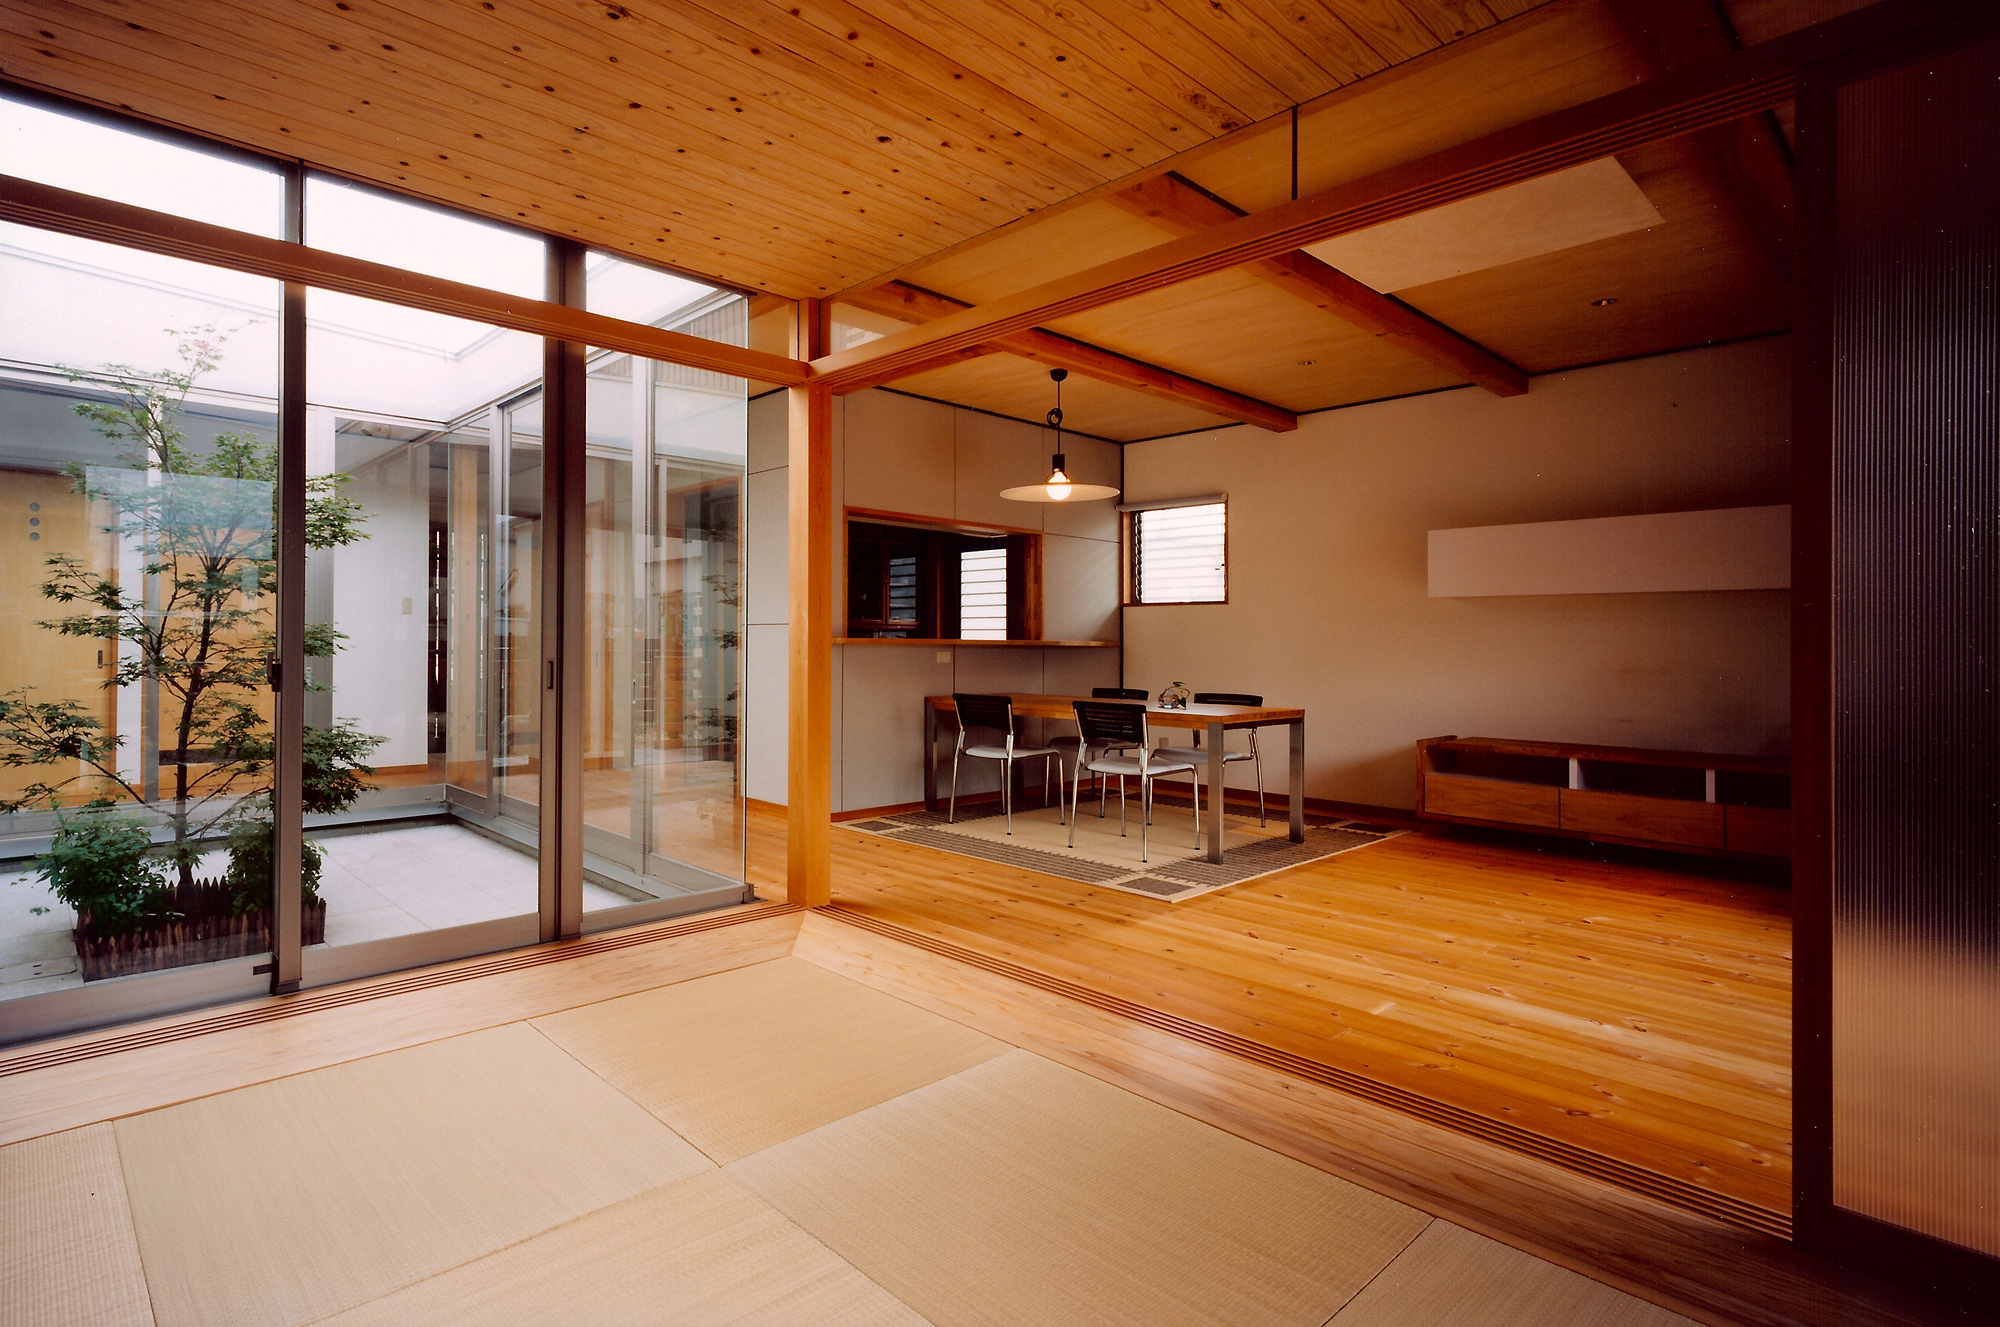 和室よりLDKと中庭を見る: LDKの床は25mm厚のパイン材。針葉樹のフローリングは柔らかい肌触りで暖かみを感じるのが特徴です。床のオイル塗はコストダウンのため、クライアントと設計者でおこないました